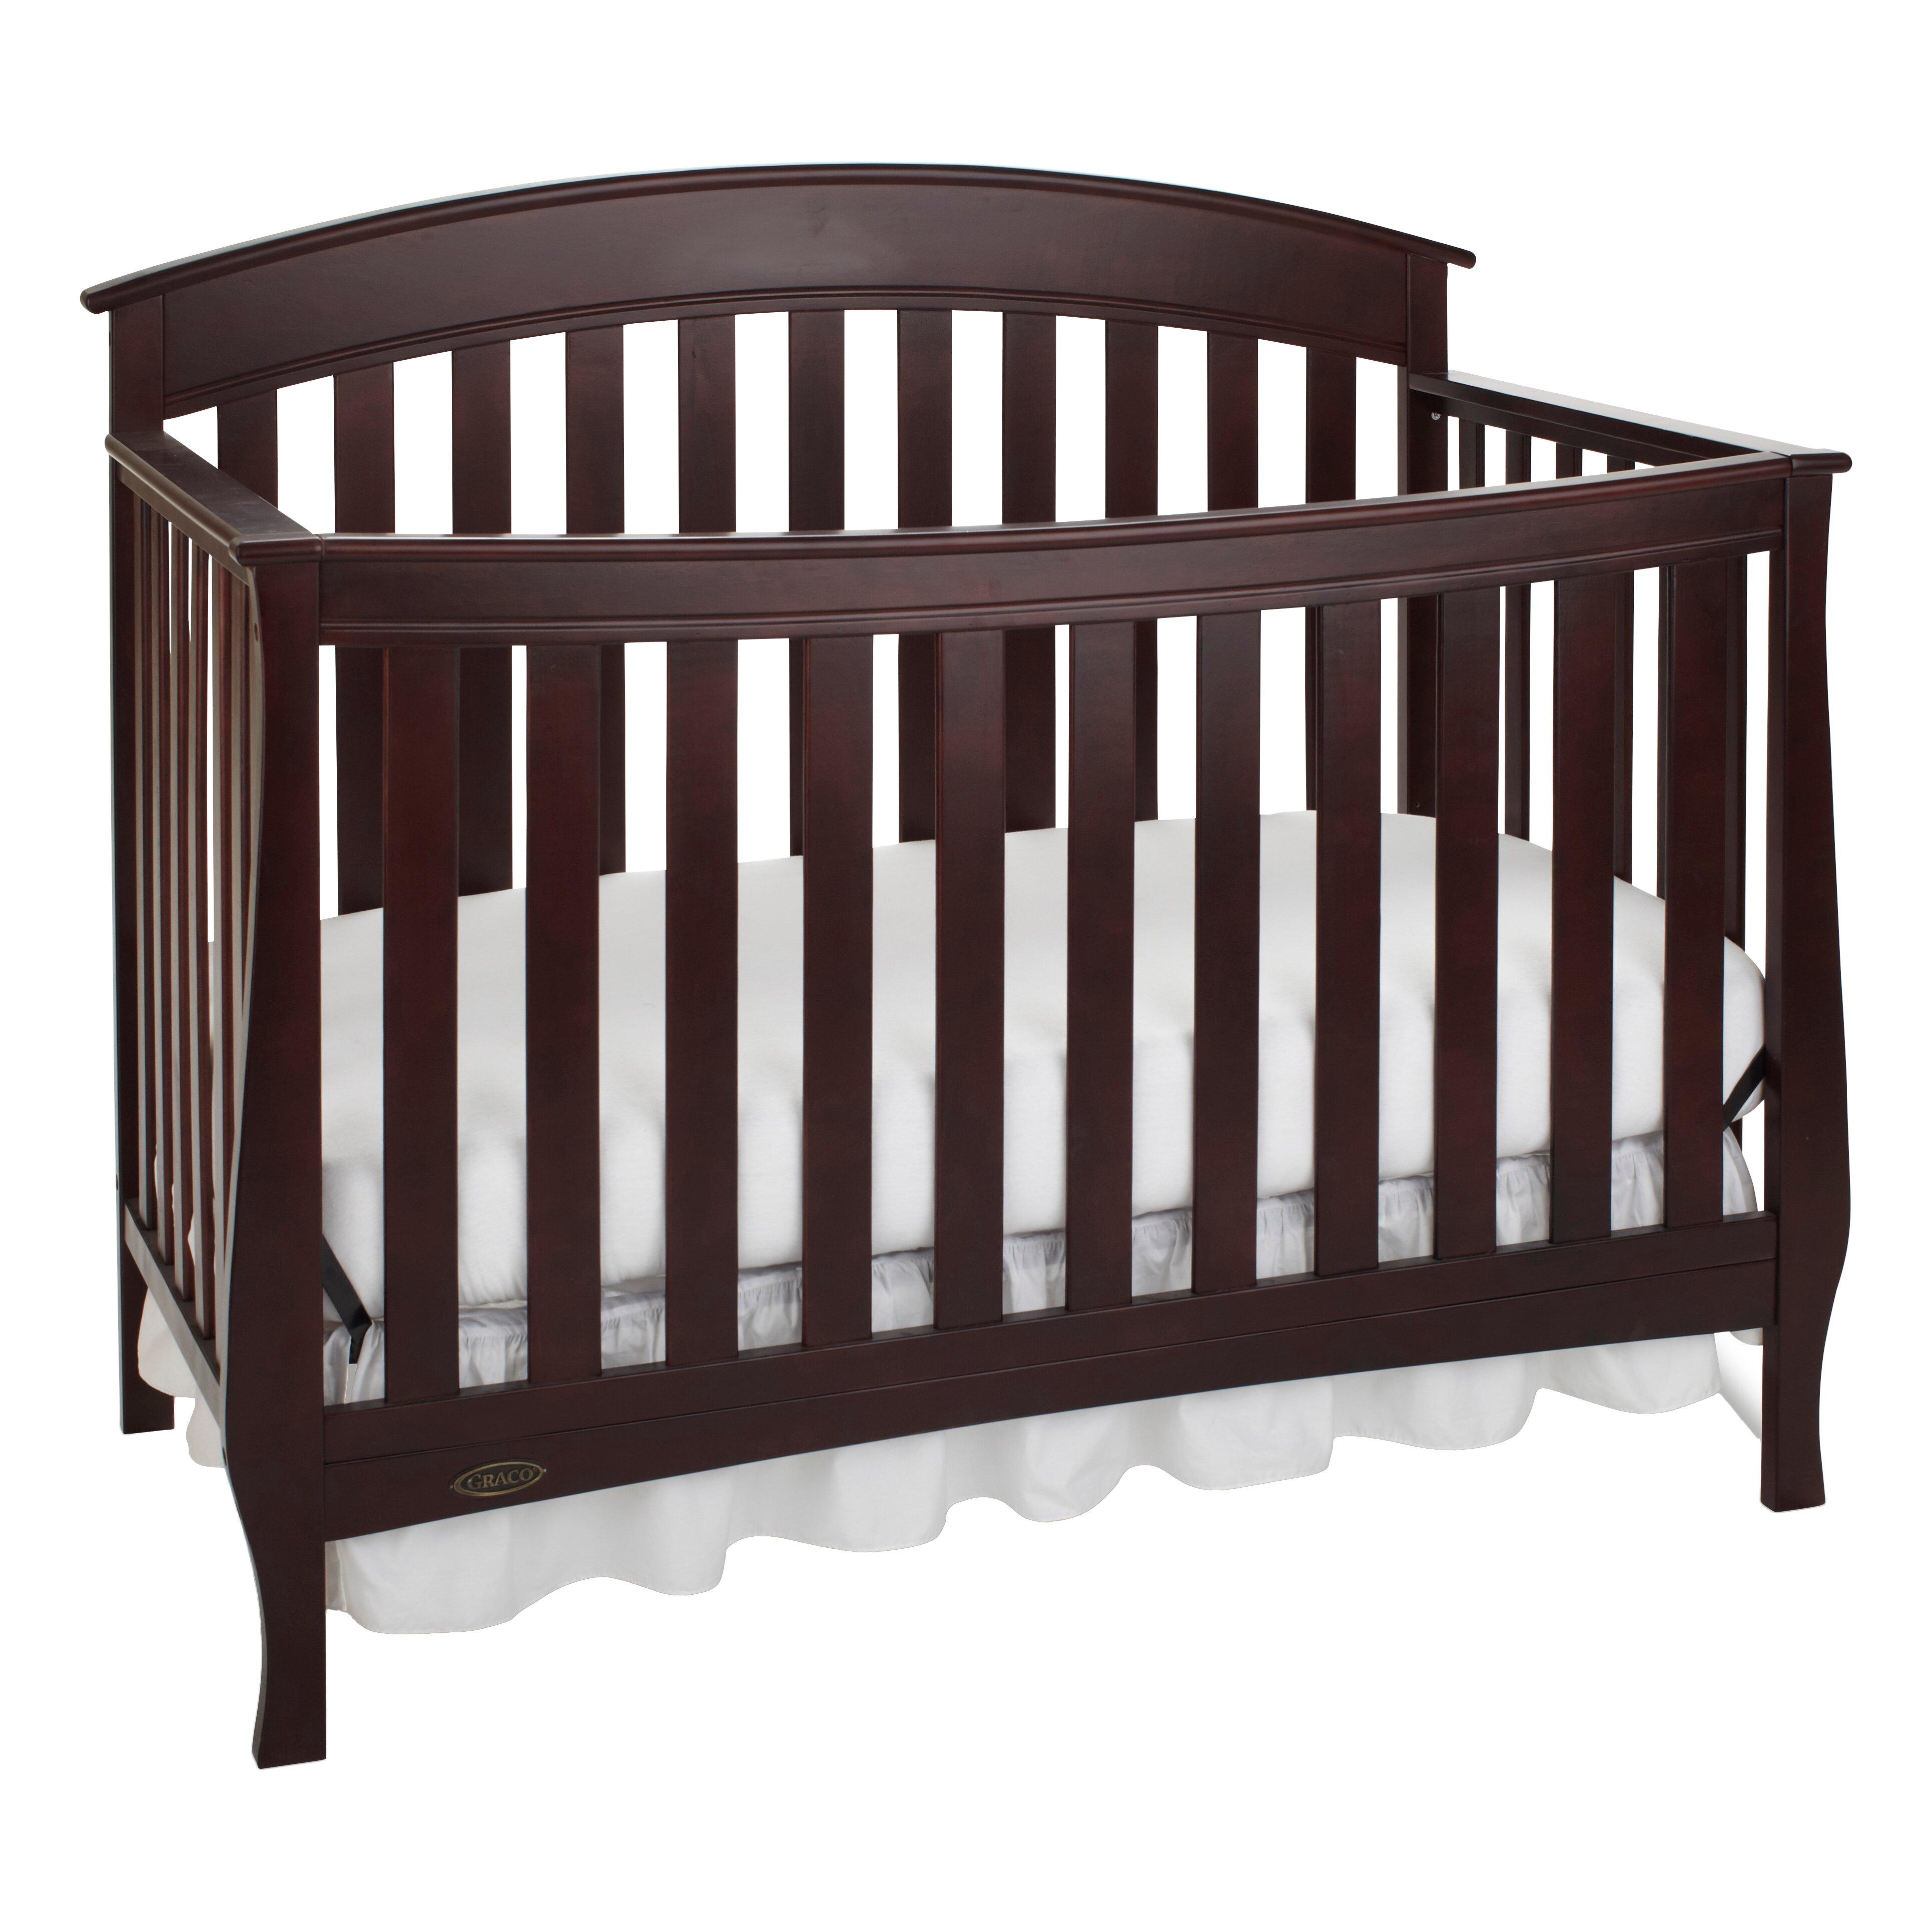 Graco Suri 4-in-1 Convertible Crib & Reviews | Wayfair